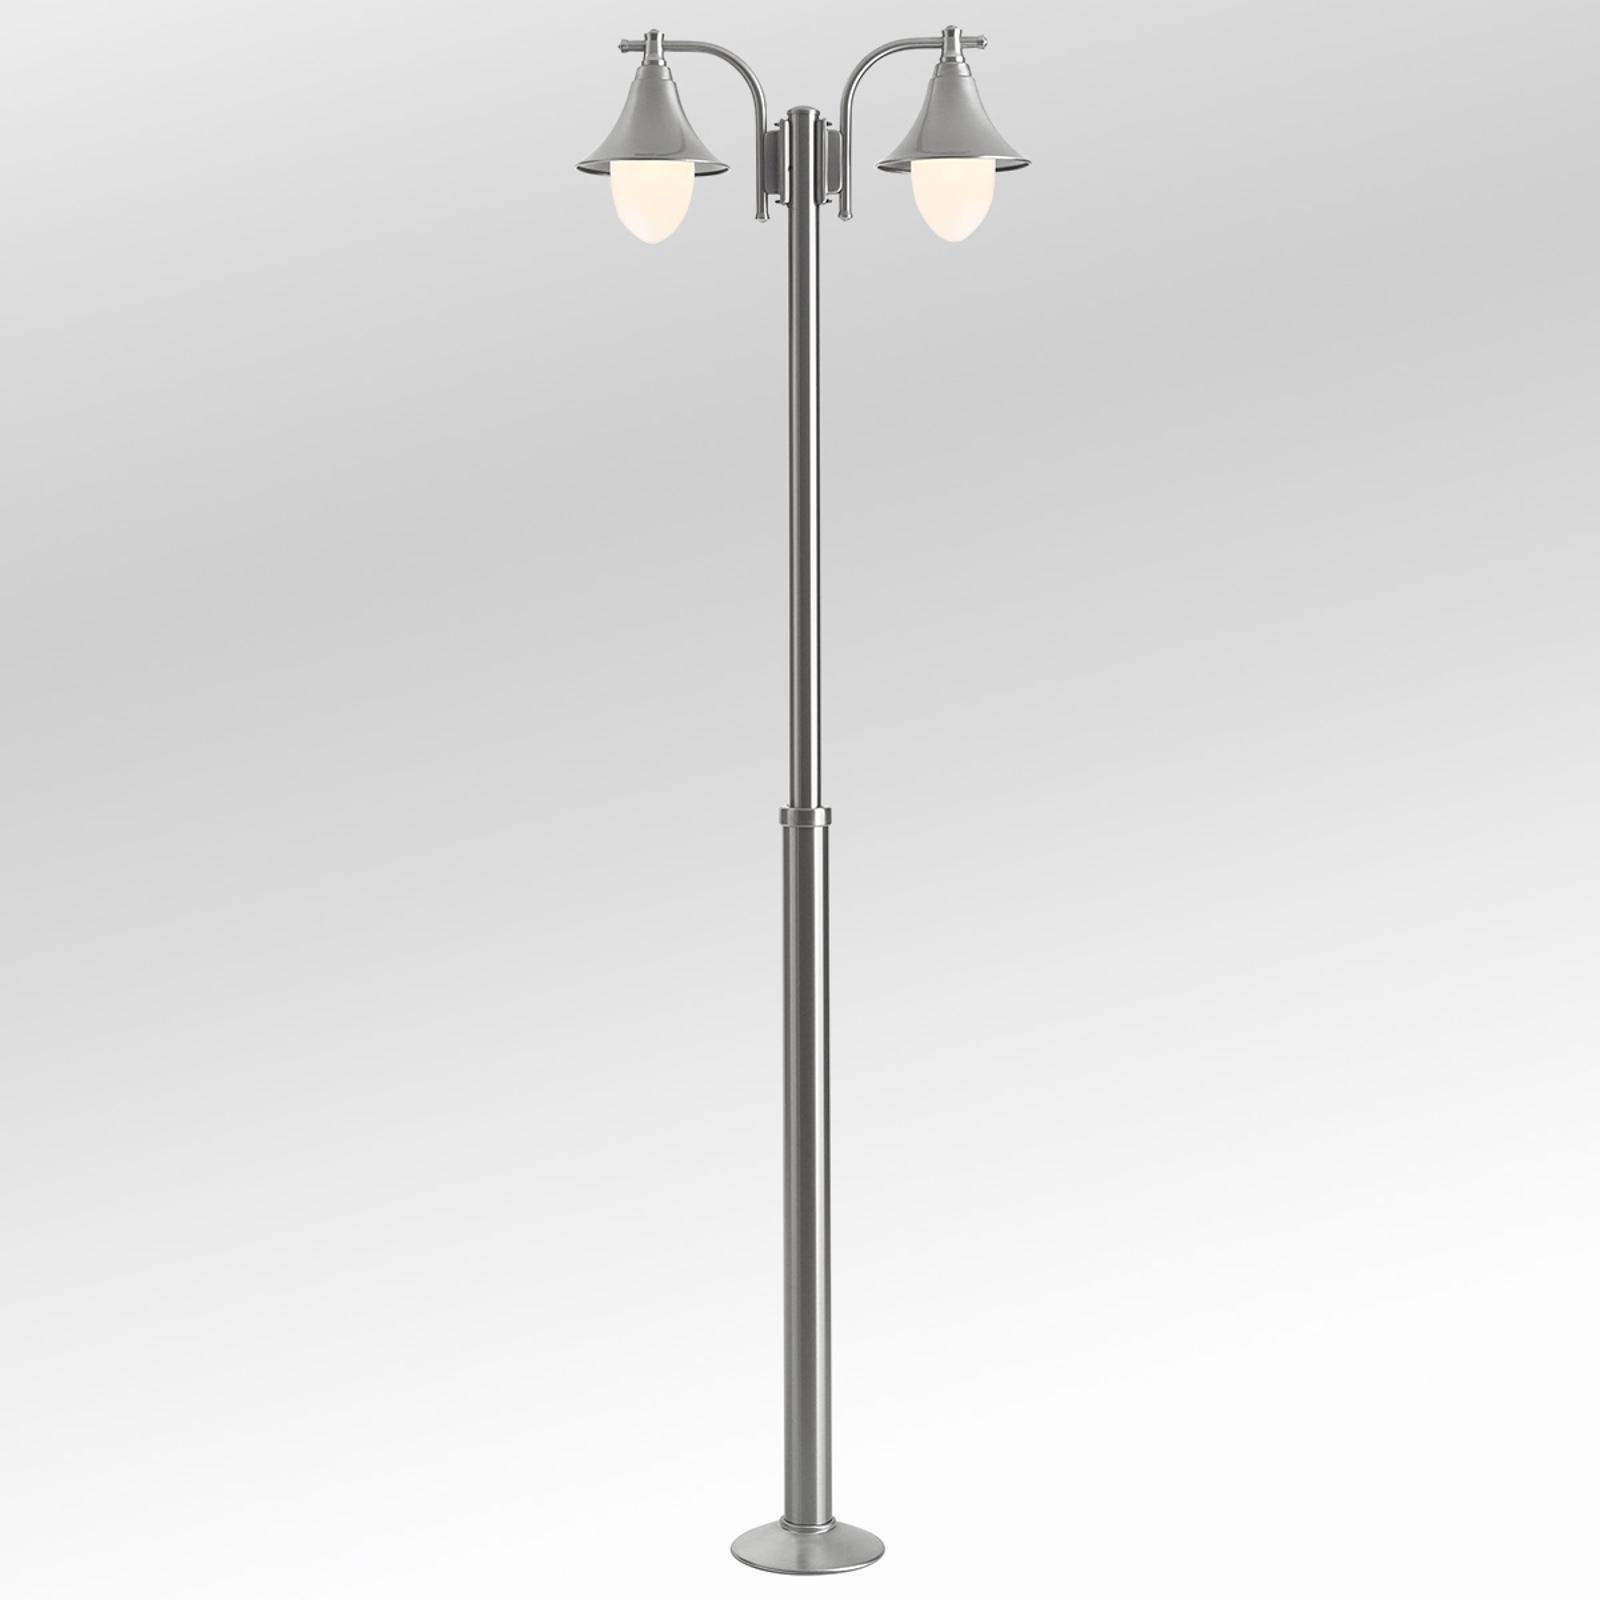 Lampione a 2 luci Marlitt in acciaio inossidabile